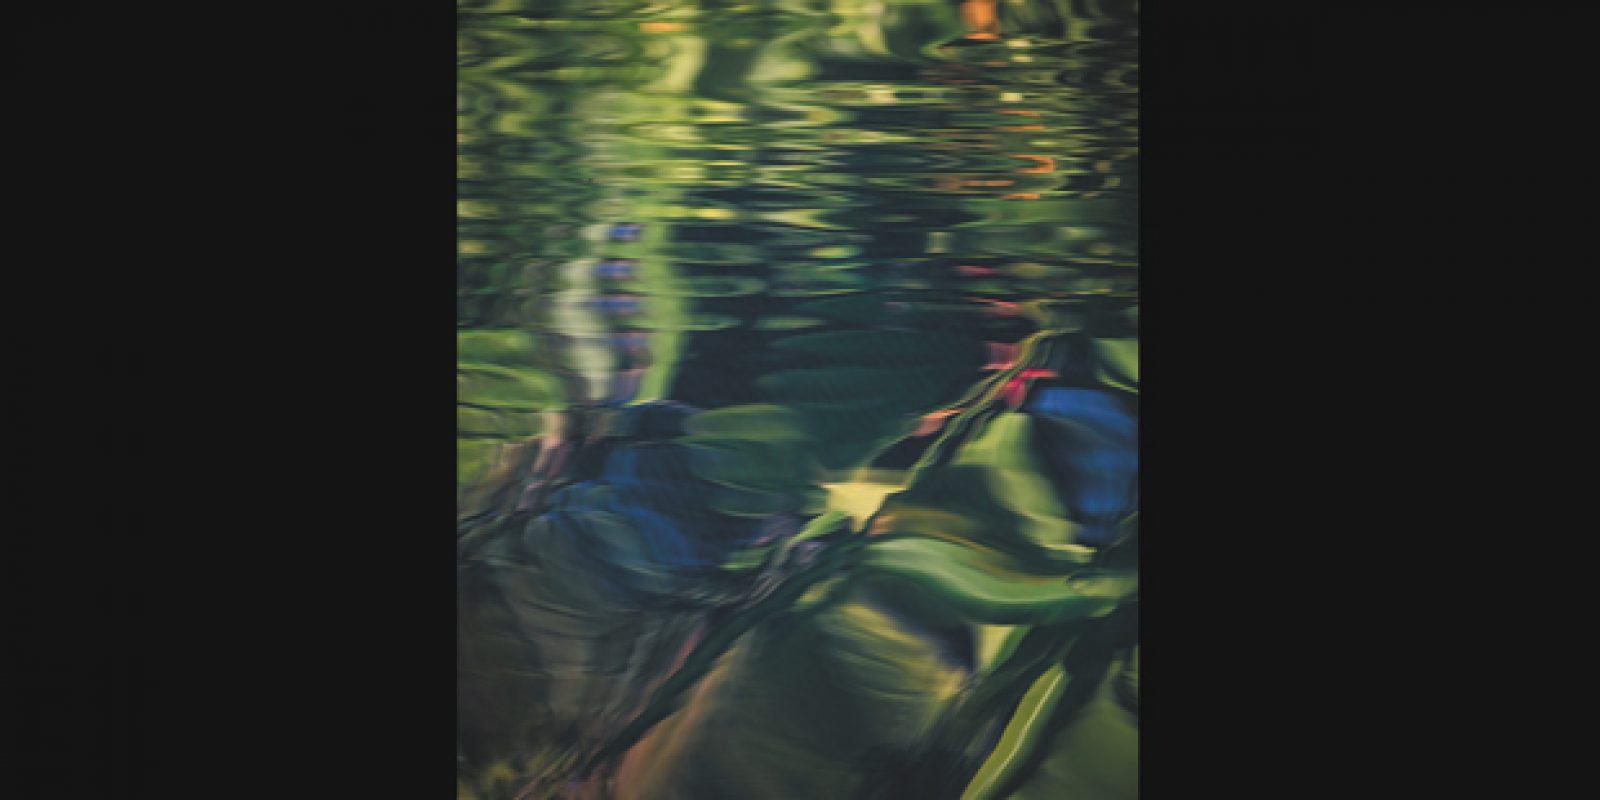 25 galerias de todo o país irão expor gratuitamente para o público cerca de 250 obras de artistas nacionais e internacionais. Mila Mayer, Tropicalia I (2013), I (2007) | Divulgação